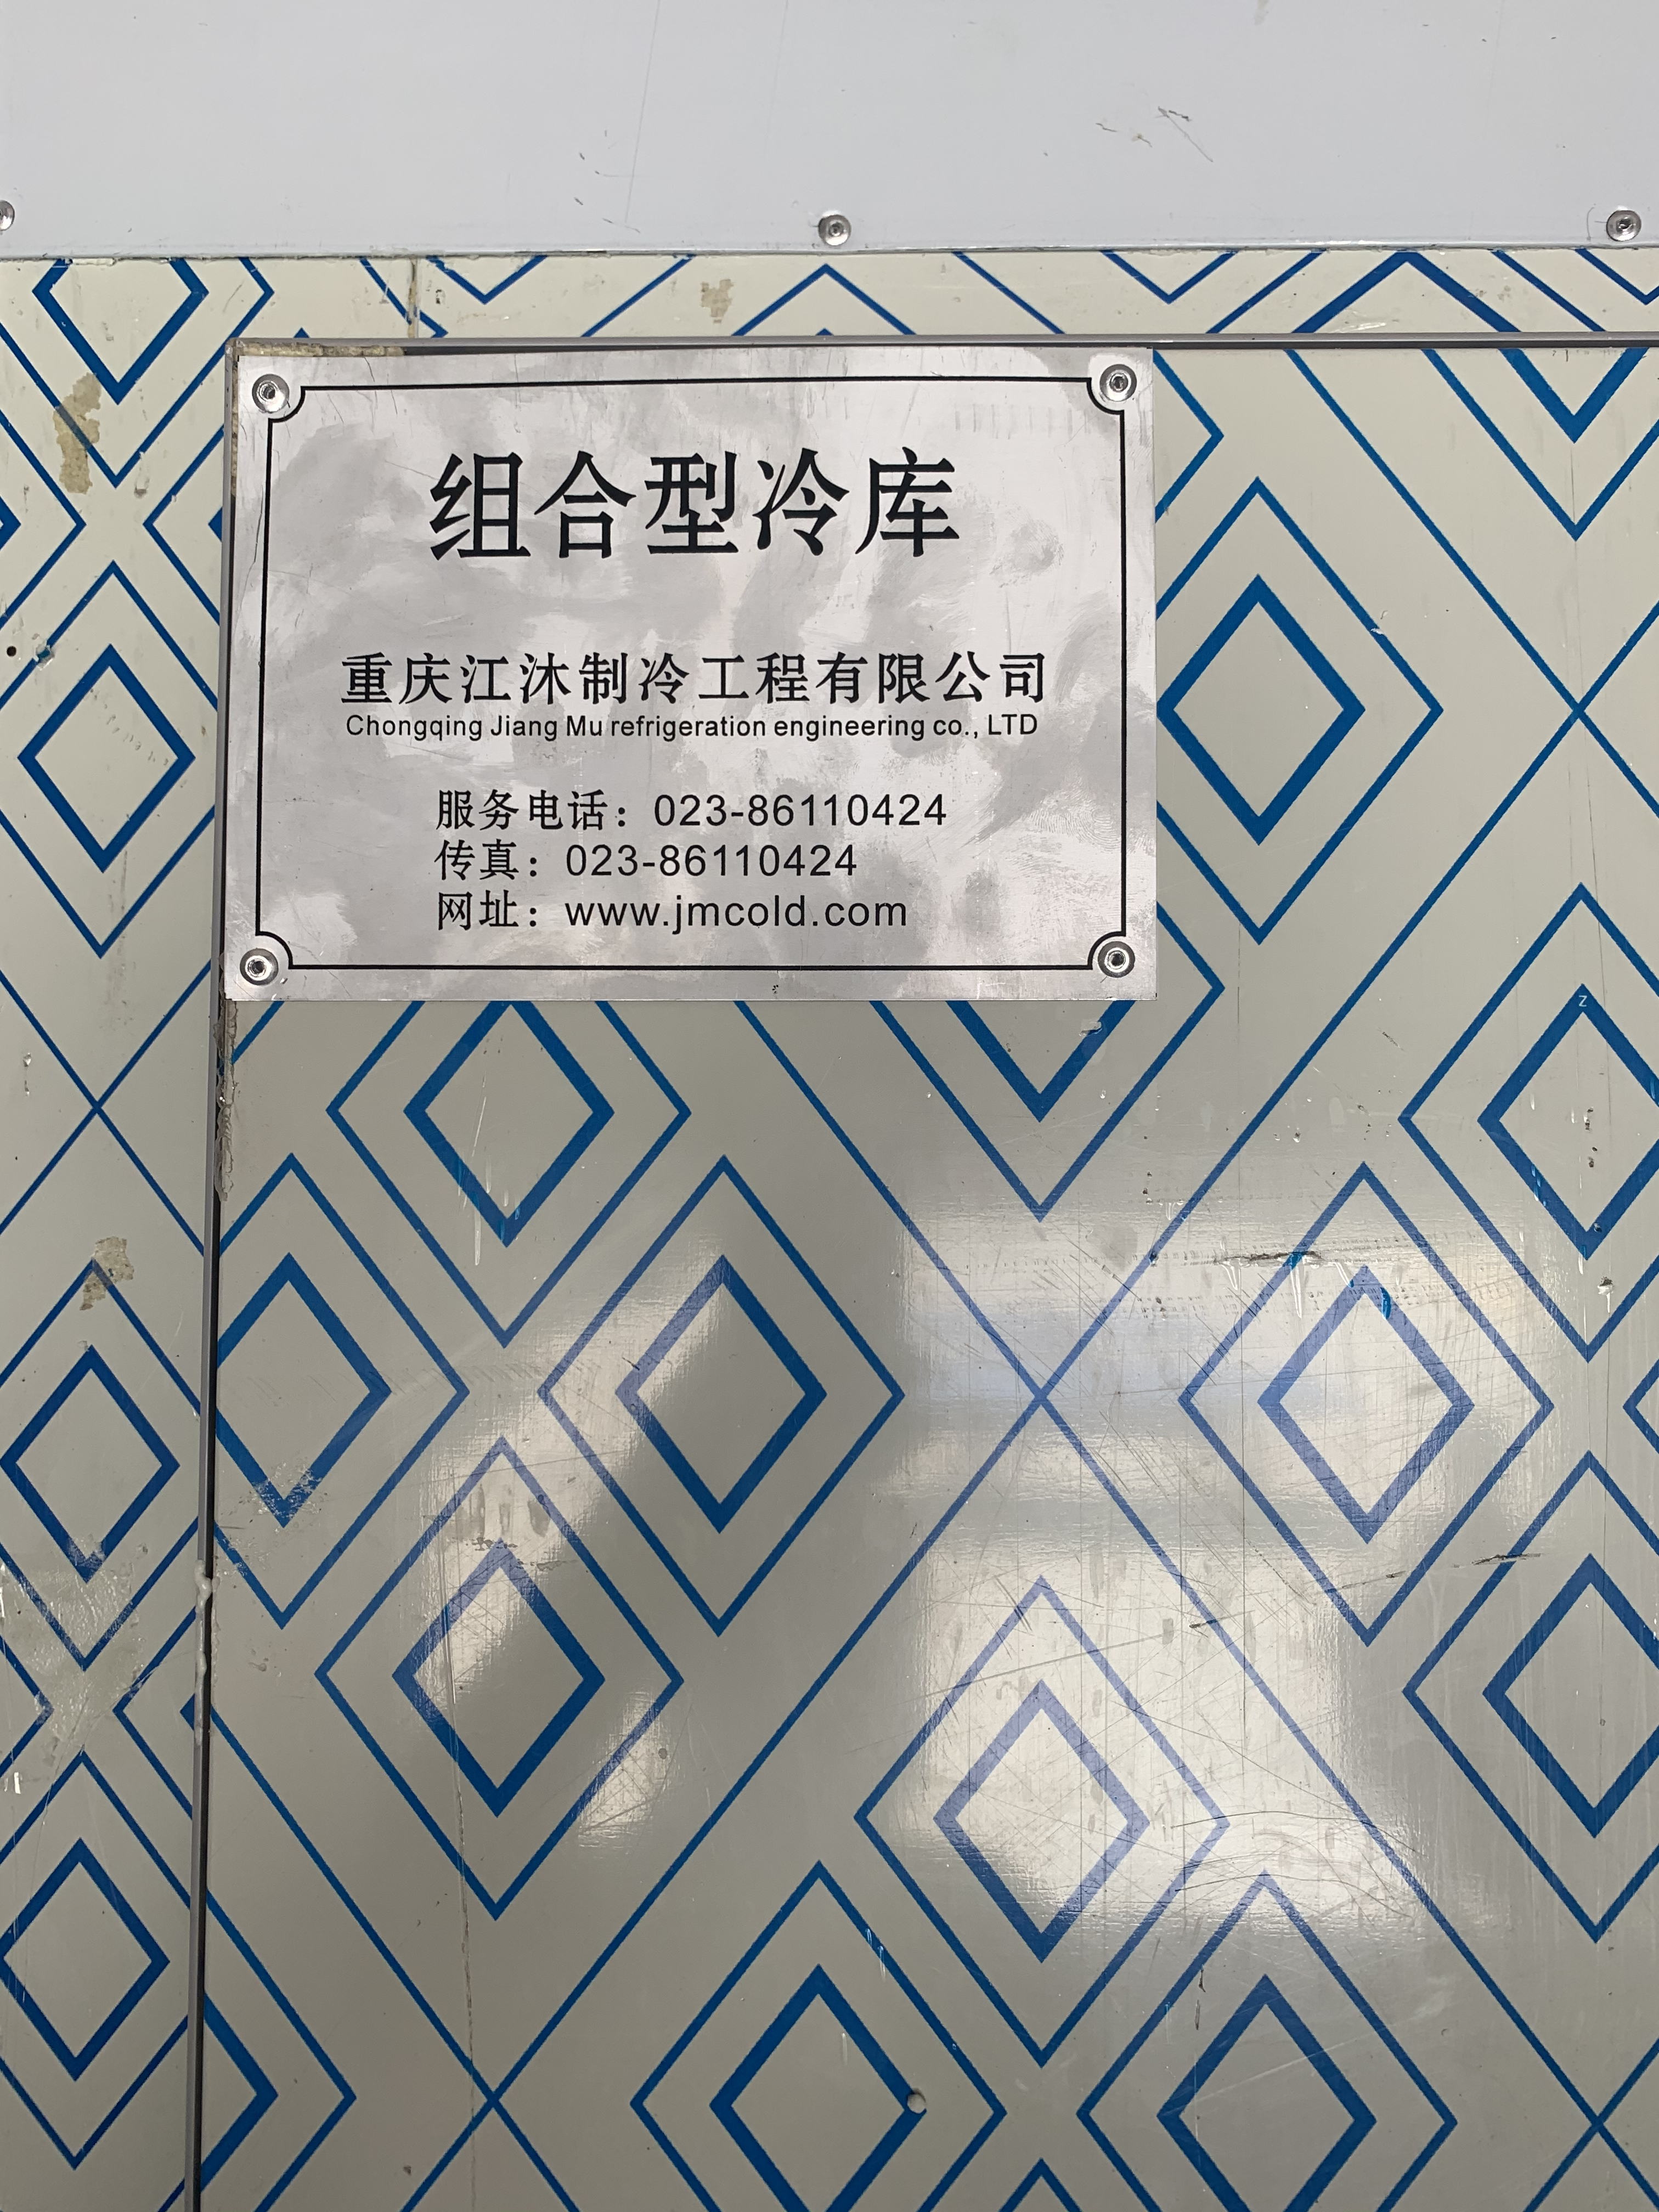 重庆冷冻库安装